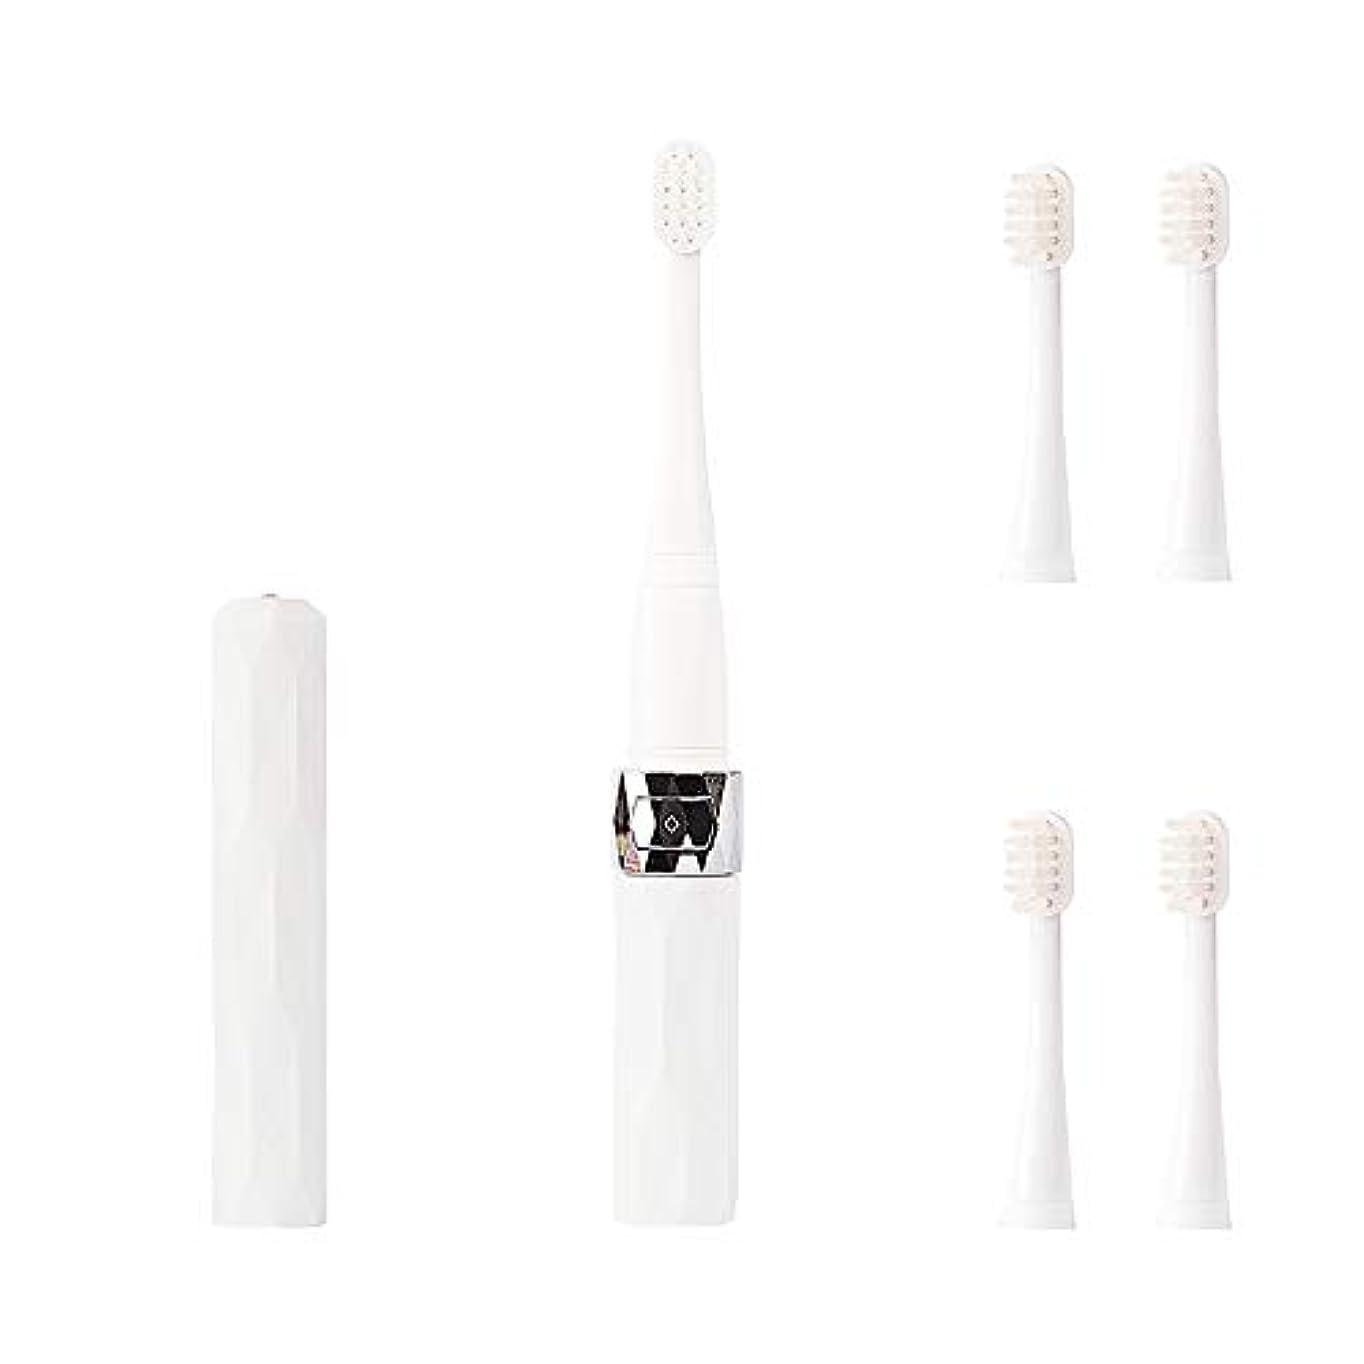 カートリッジシネマウォーターフロントコリミダ(COLIMIDA) 電動歯ブラシ 子供歯ブラシ 音波振動 スマートソニック 携帯に便利な 防水式 替えブラシ4本 歯ブラシシステマ 極細毛 タイプ ルージュ ホワイト